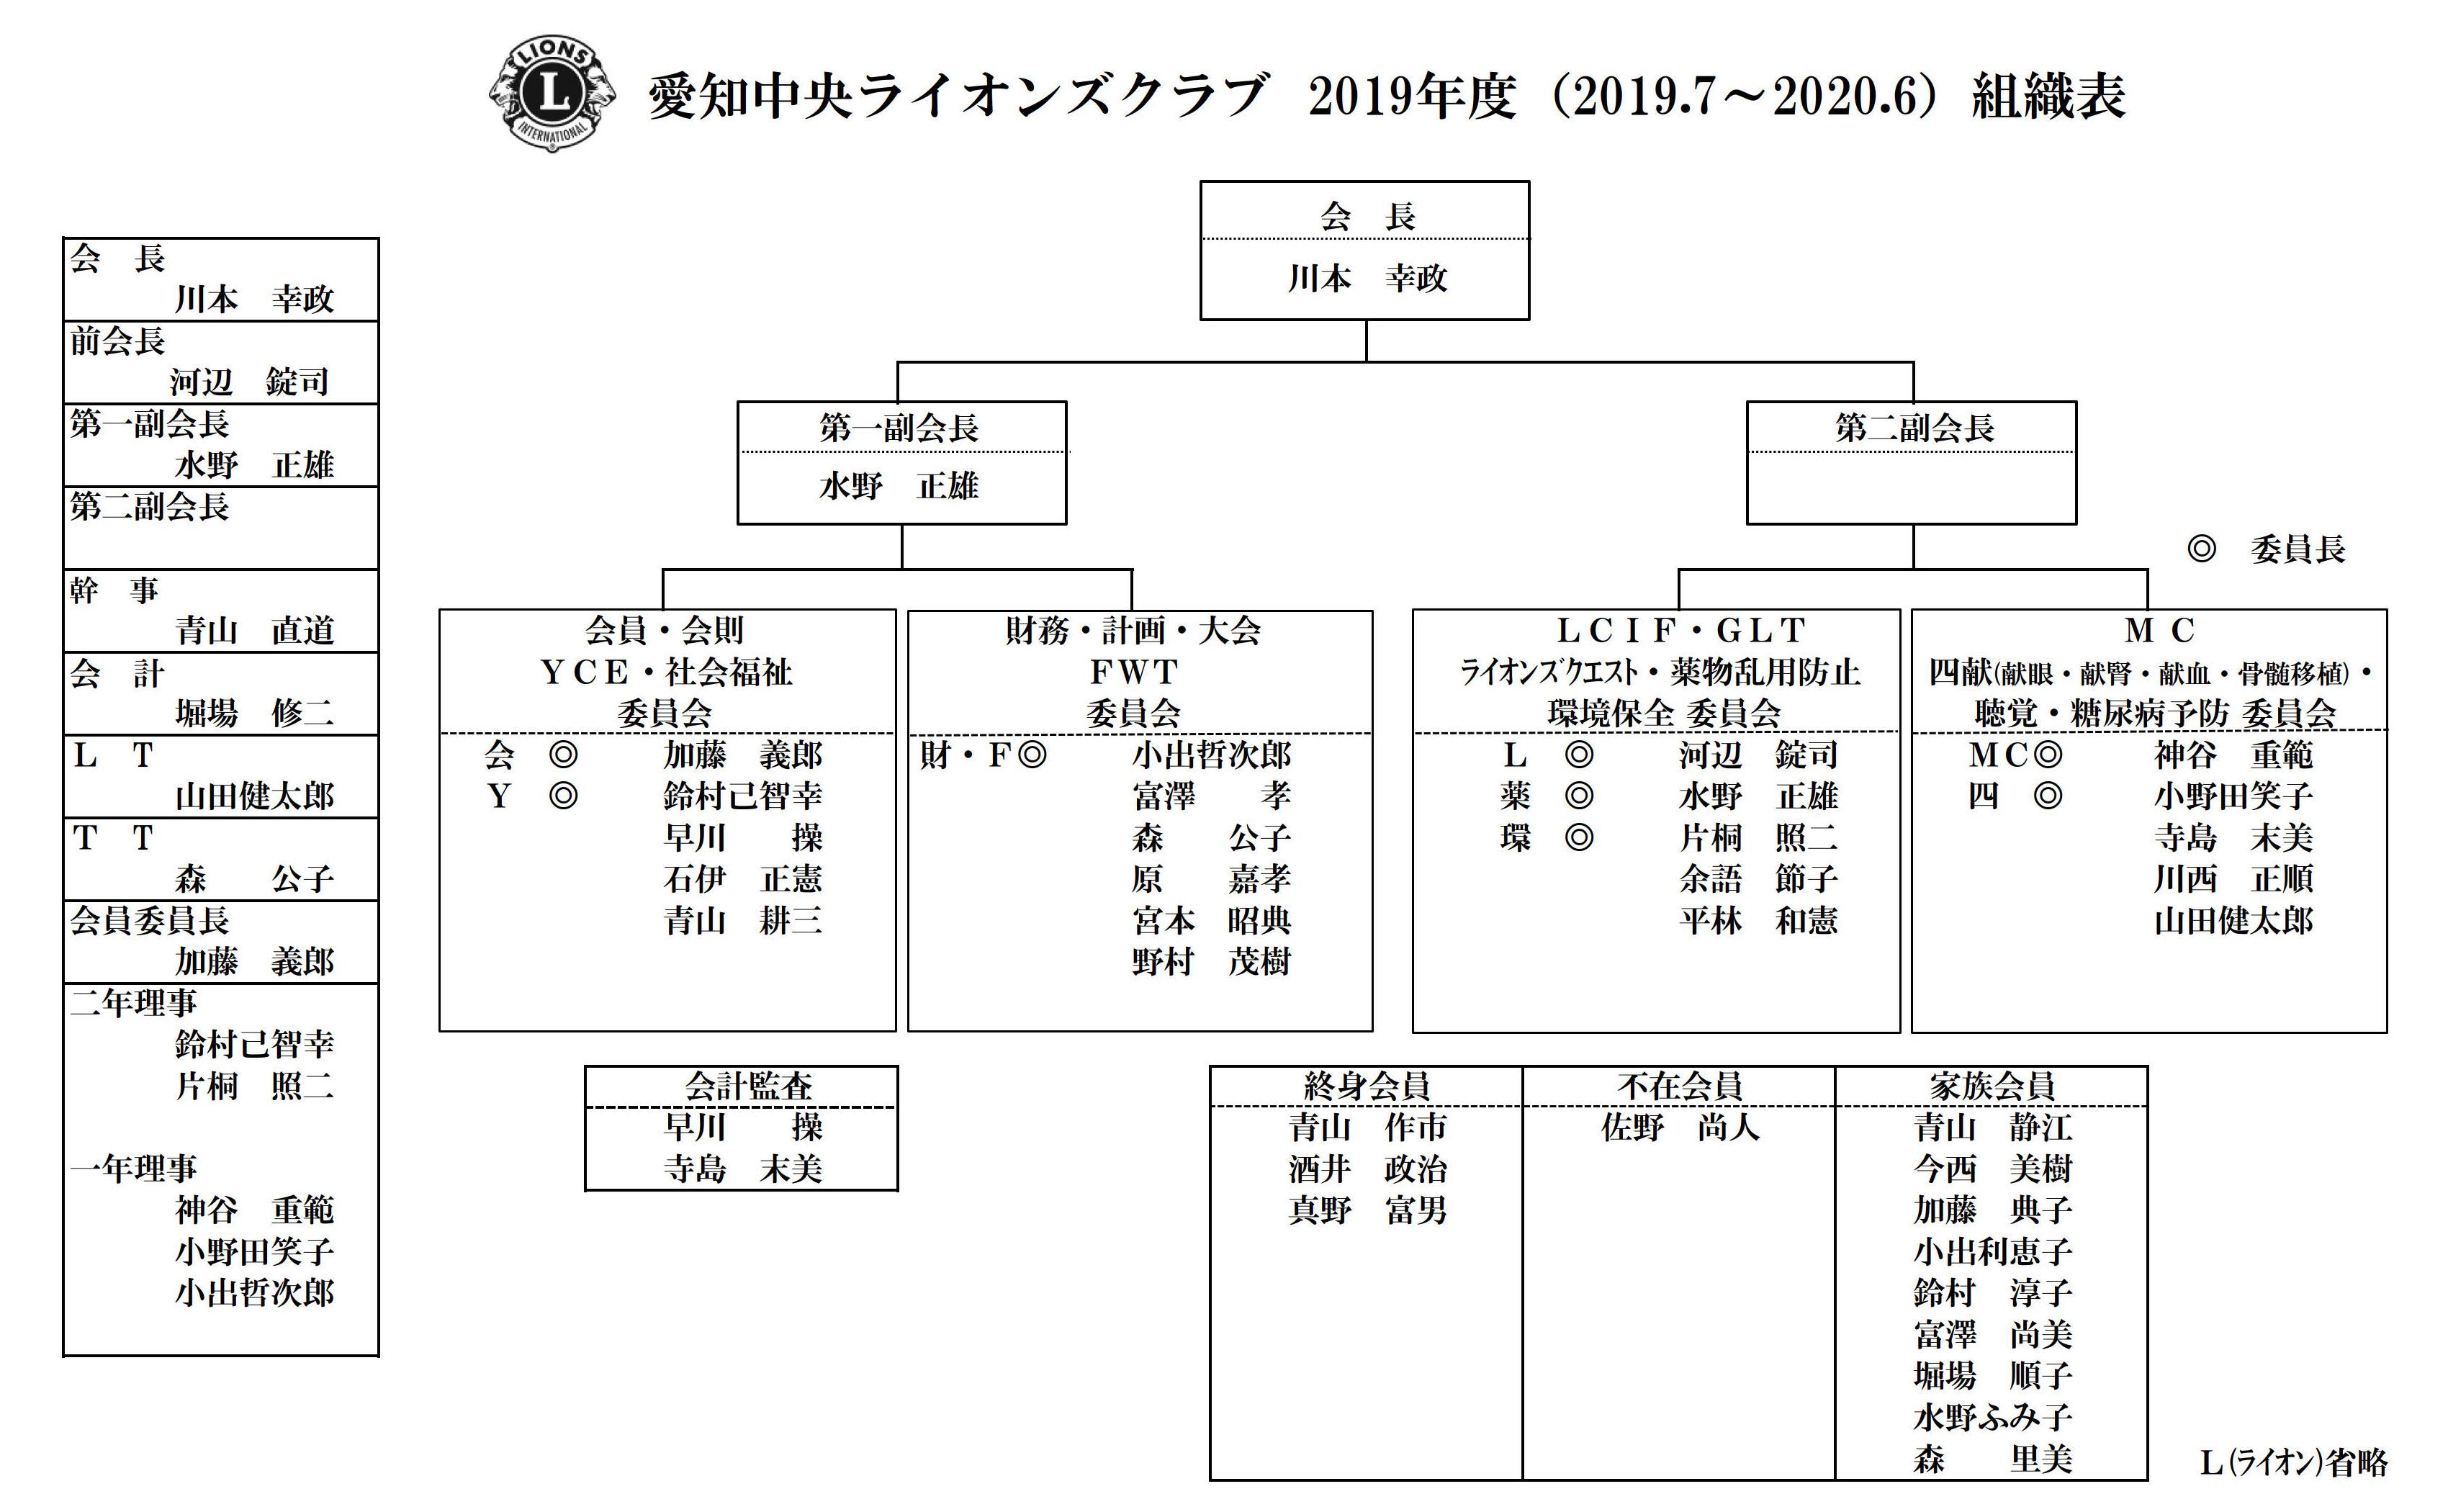 3愛知中央LC組織表1